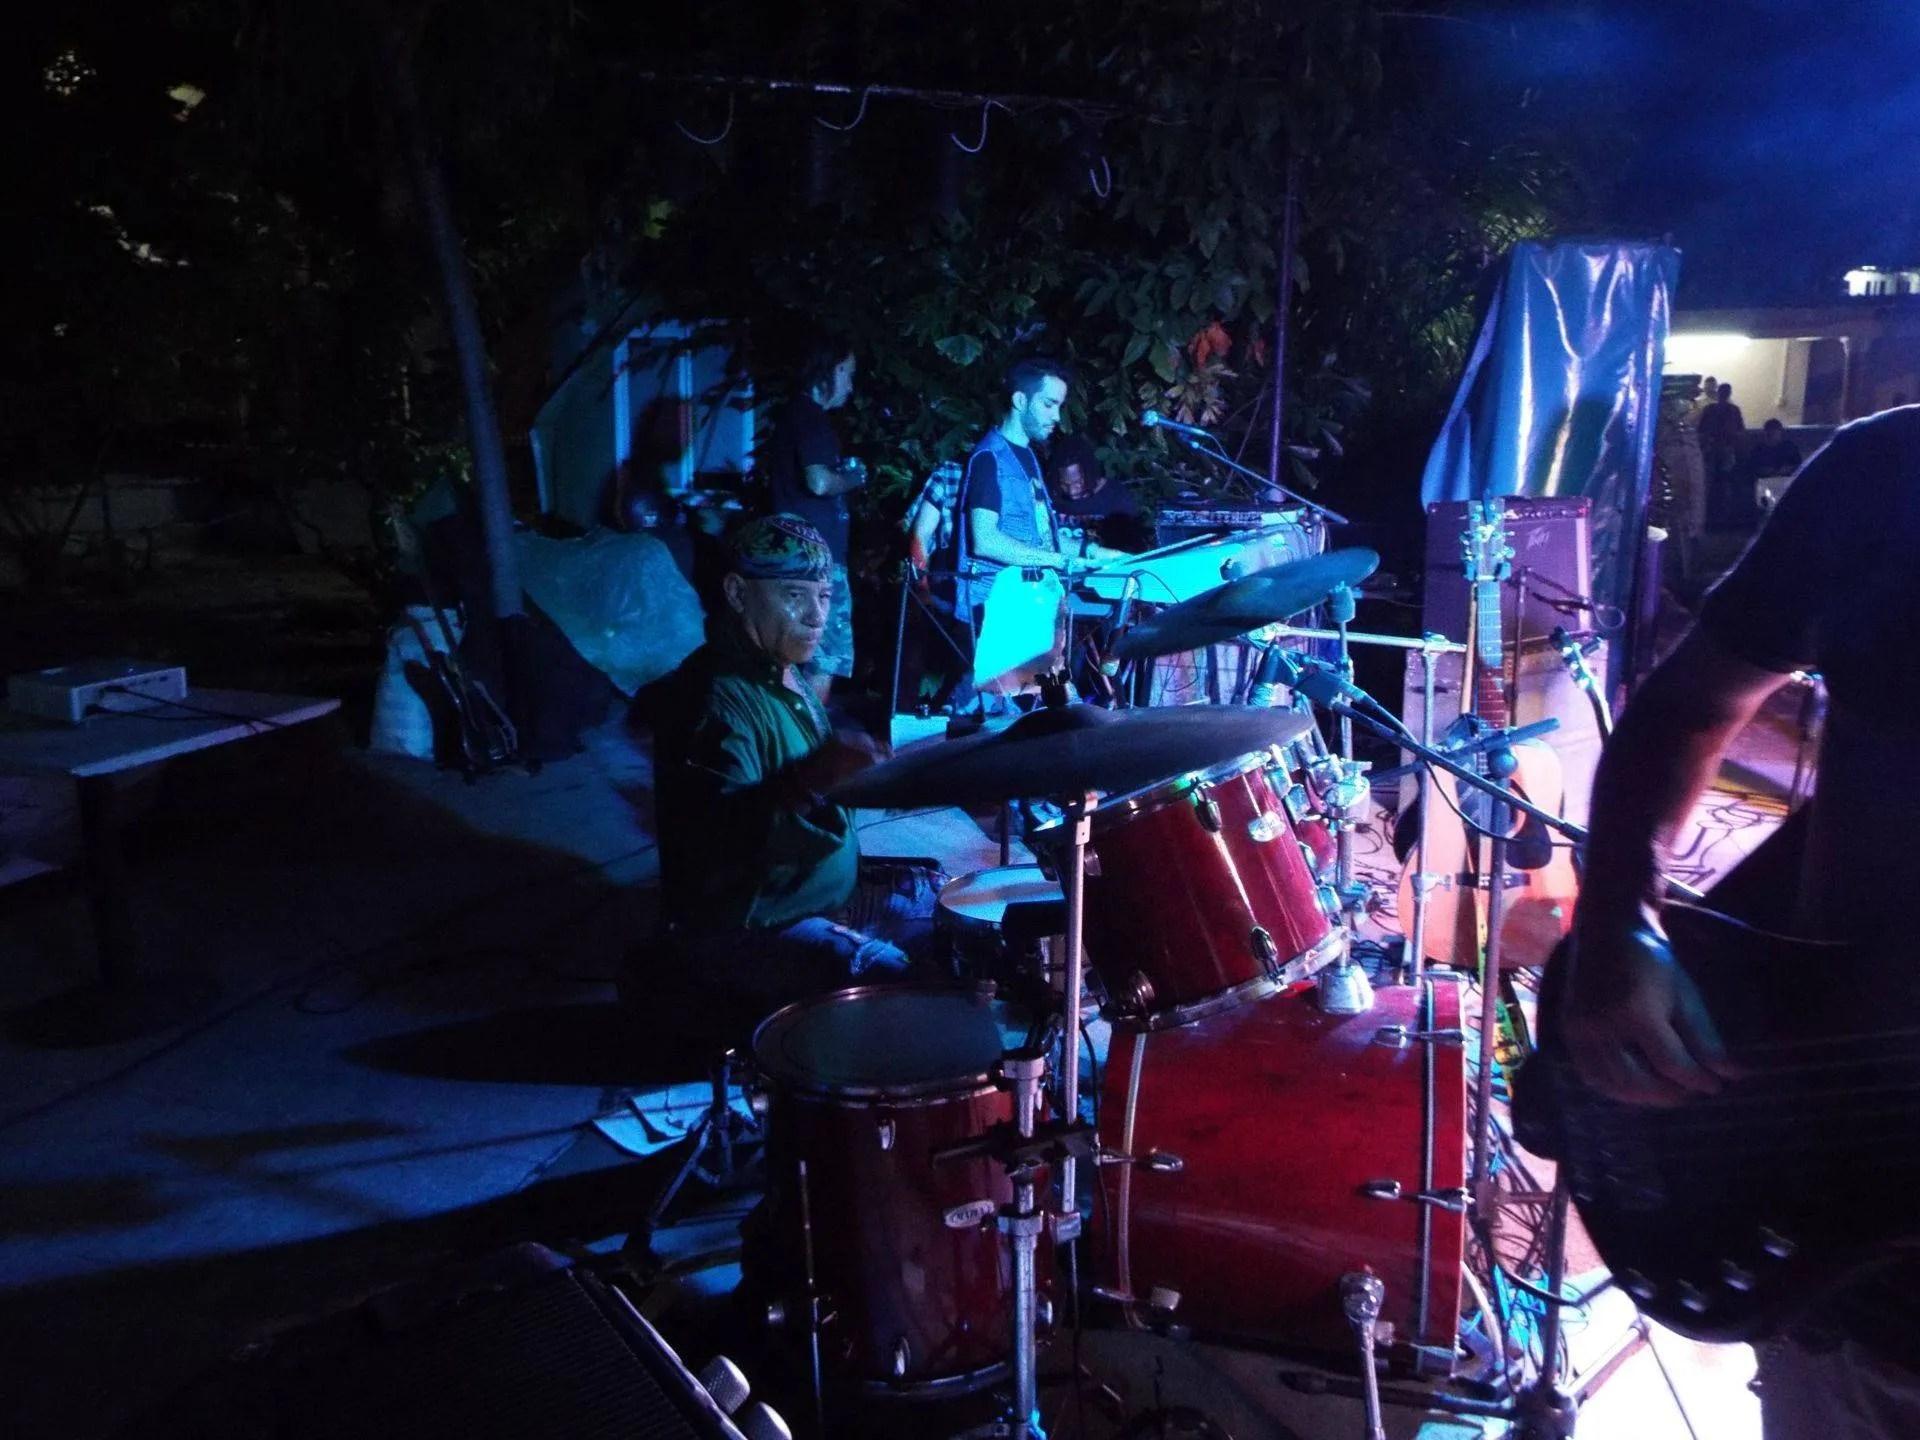 """Daniel González, baterista de Eddie Escobar: """"Los grupos que más influyeron en mi cuando joven fueron Los Brincos, Los Bravos, Led Zeppelin, The Beatles. En un principio era un poco incómodo tocaren una batería de verdad porque era muy bajito y tenía que subirme arriba de un cajón""""."""